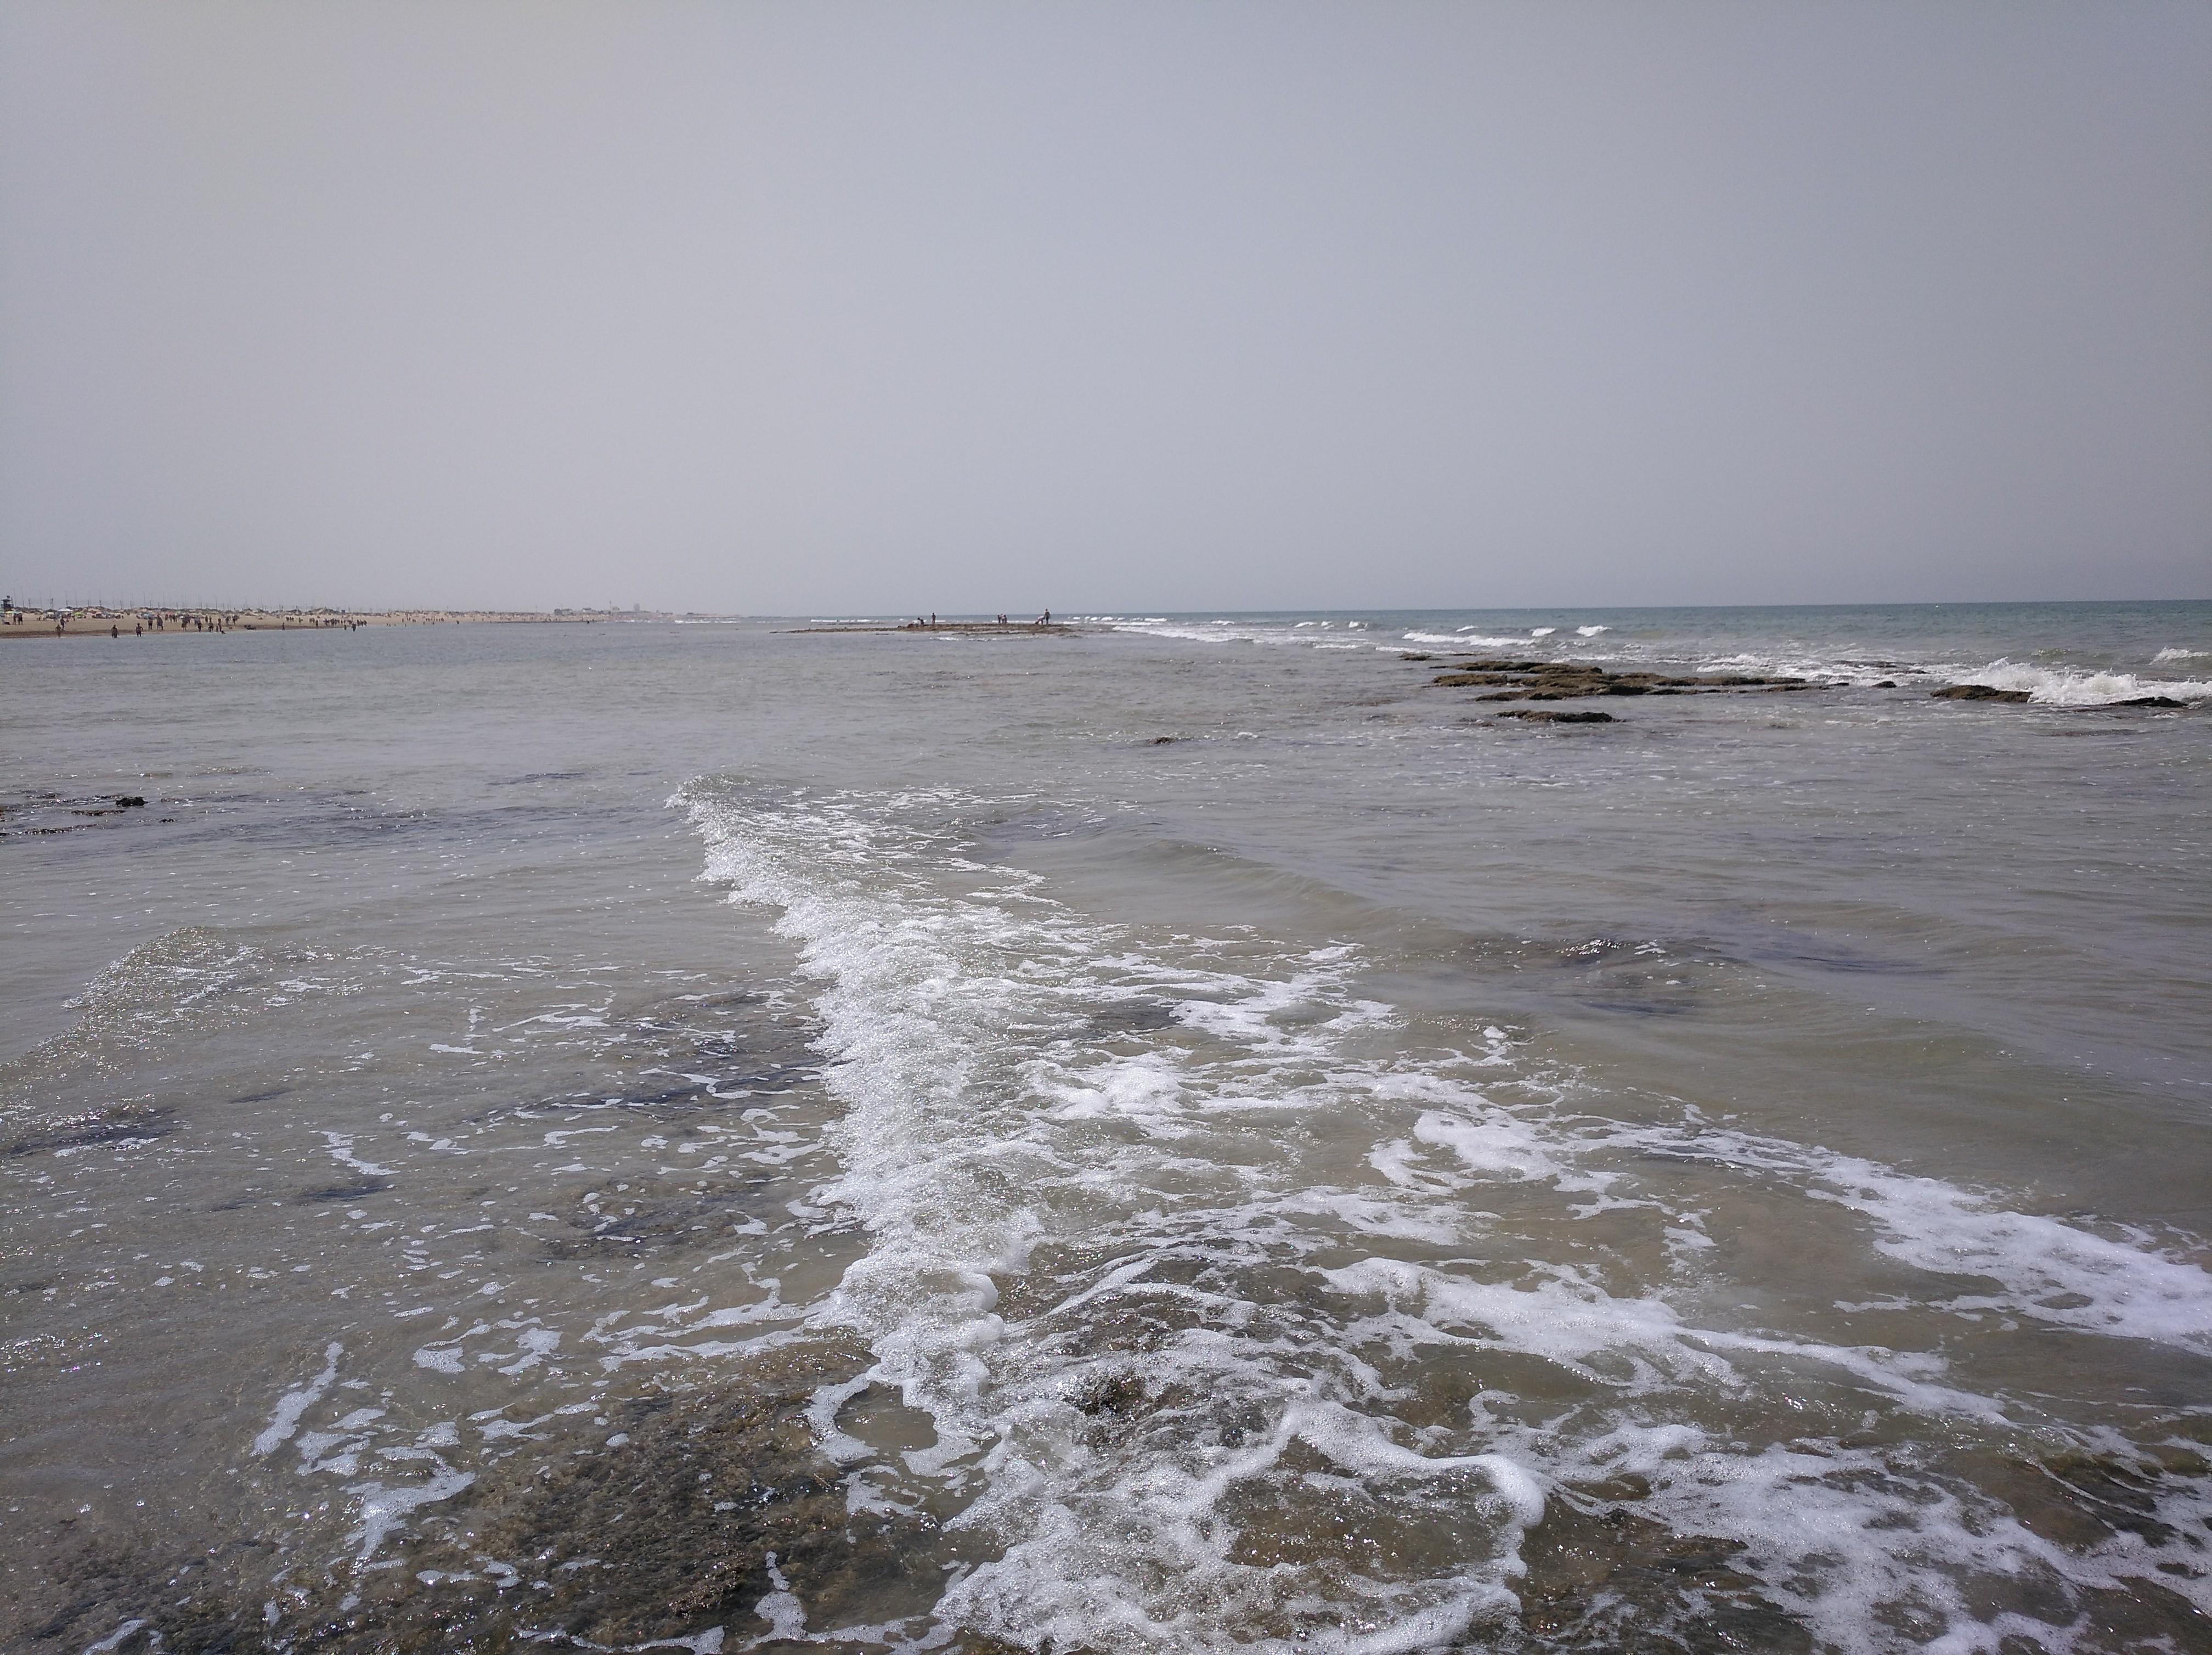 playa de cortadura cadiz niños adondevoyconmifamilia